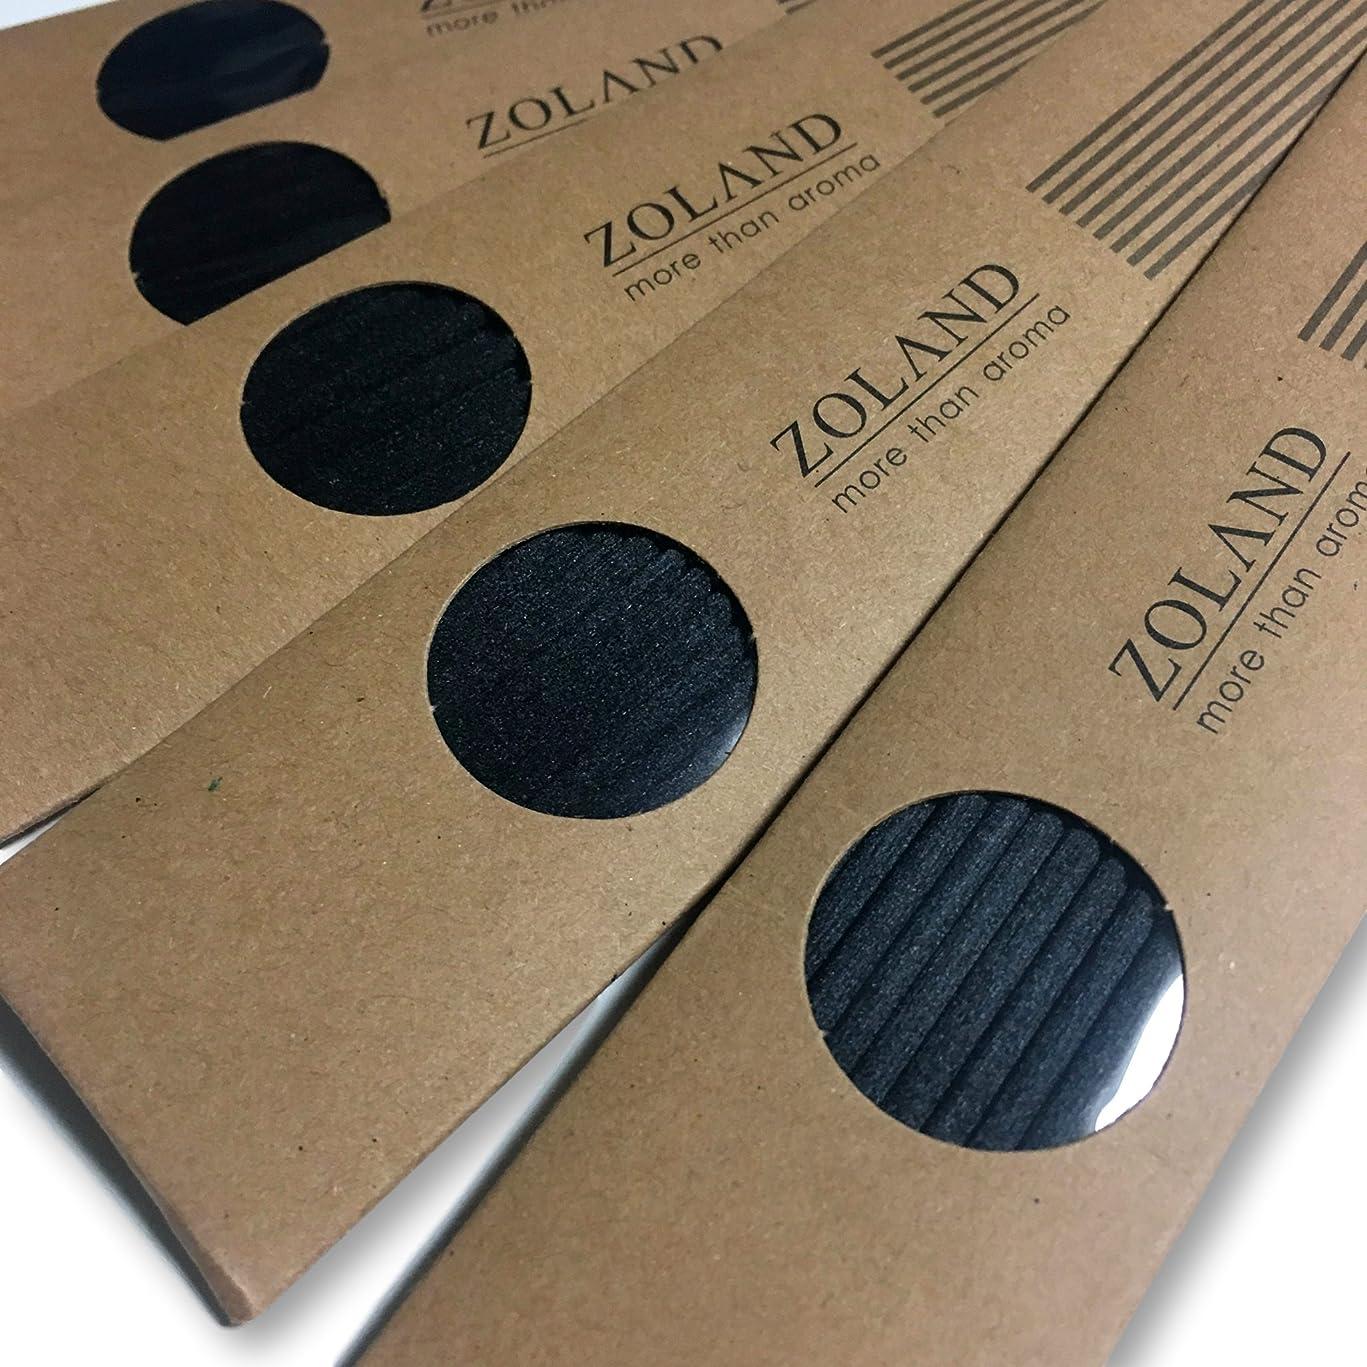 ピグマリオン狂信者領事館【YOLO】リードディフューザー 用 リフィル スティック/ブラック 24cm×3mm 10本入×5セット (ブラック)